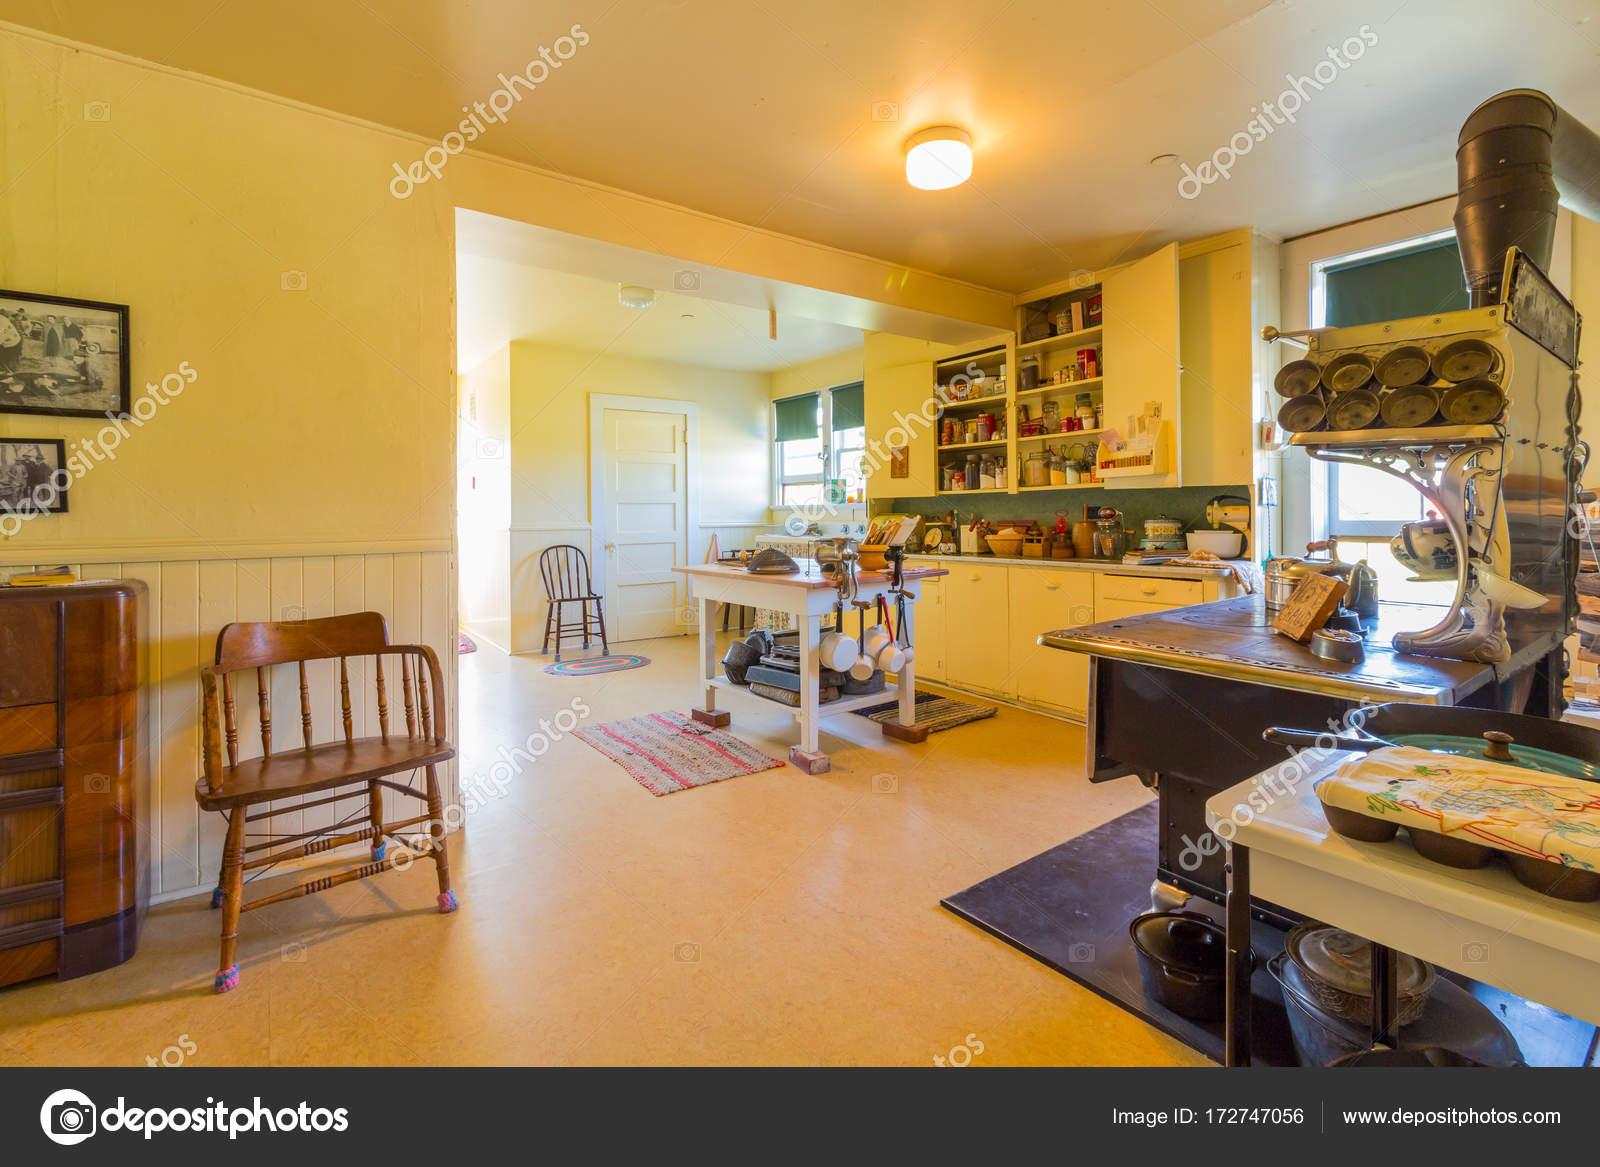 Bar u Ranch national Historic Site Interieur mit alten Küche ...